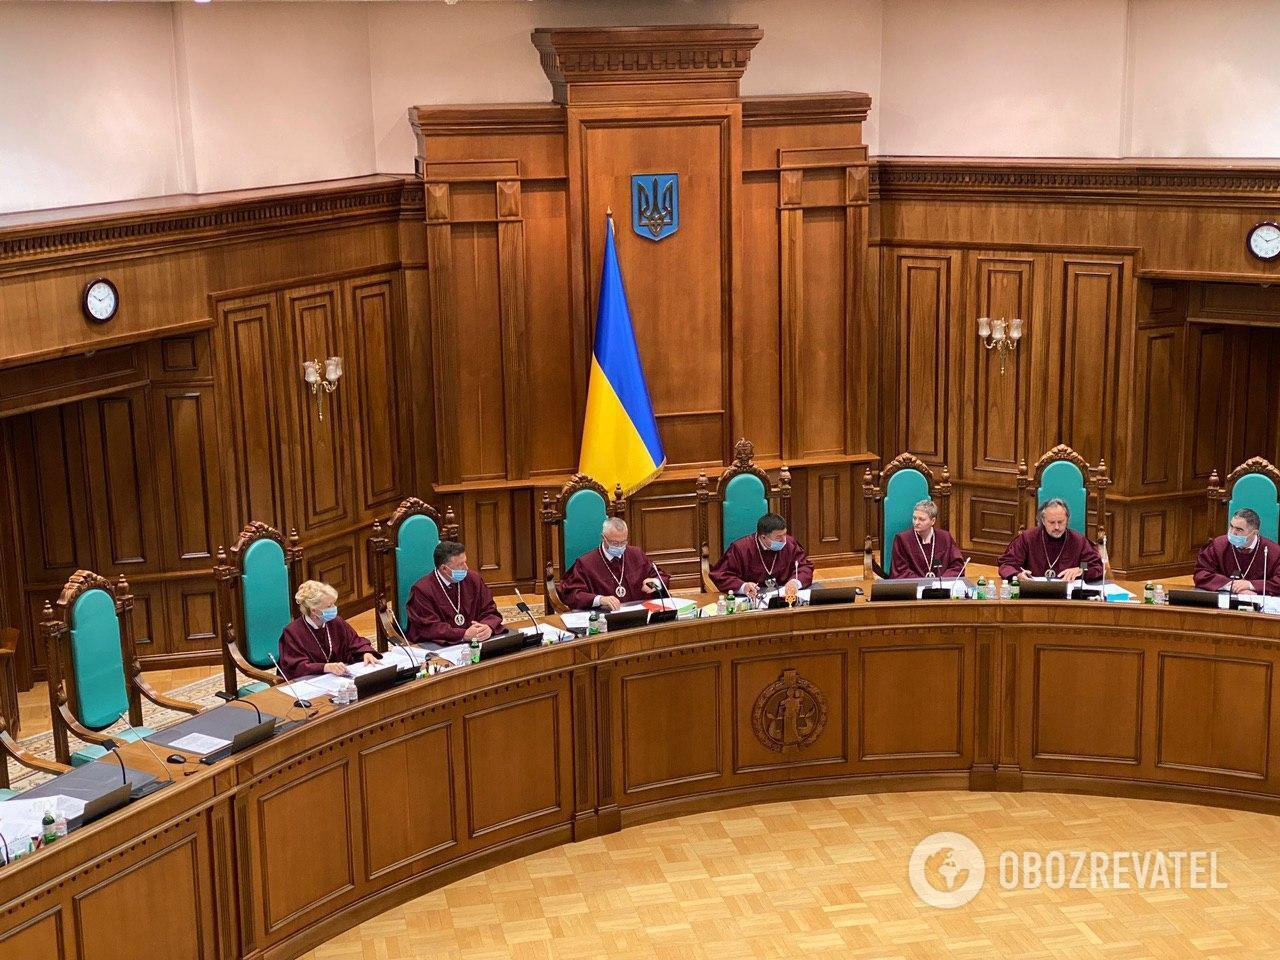 Судьи КСУ начали рассмотрение дела